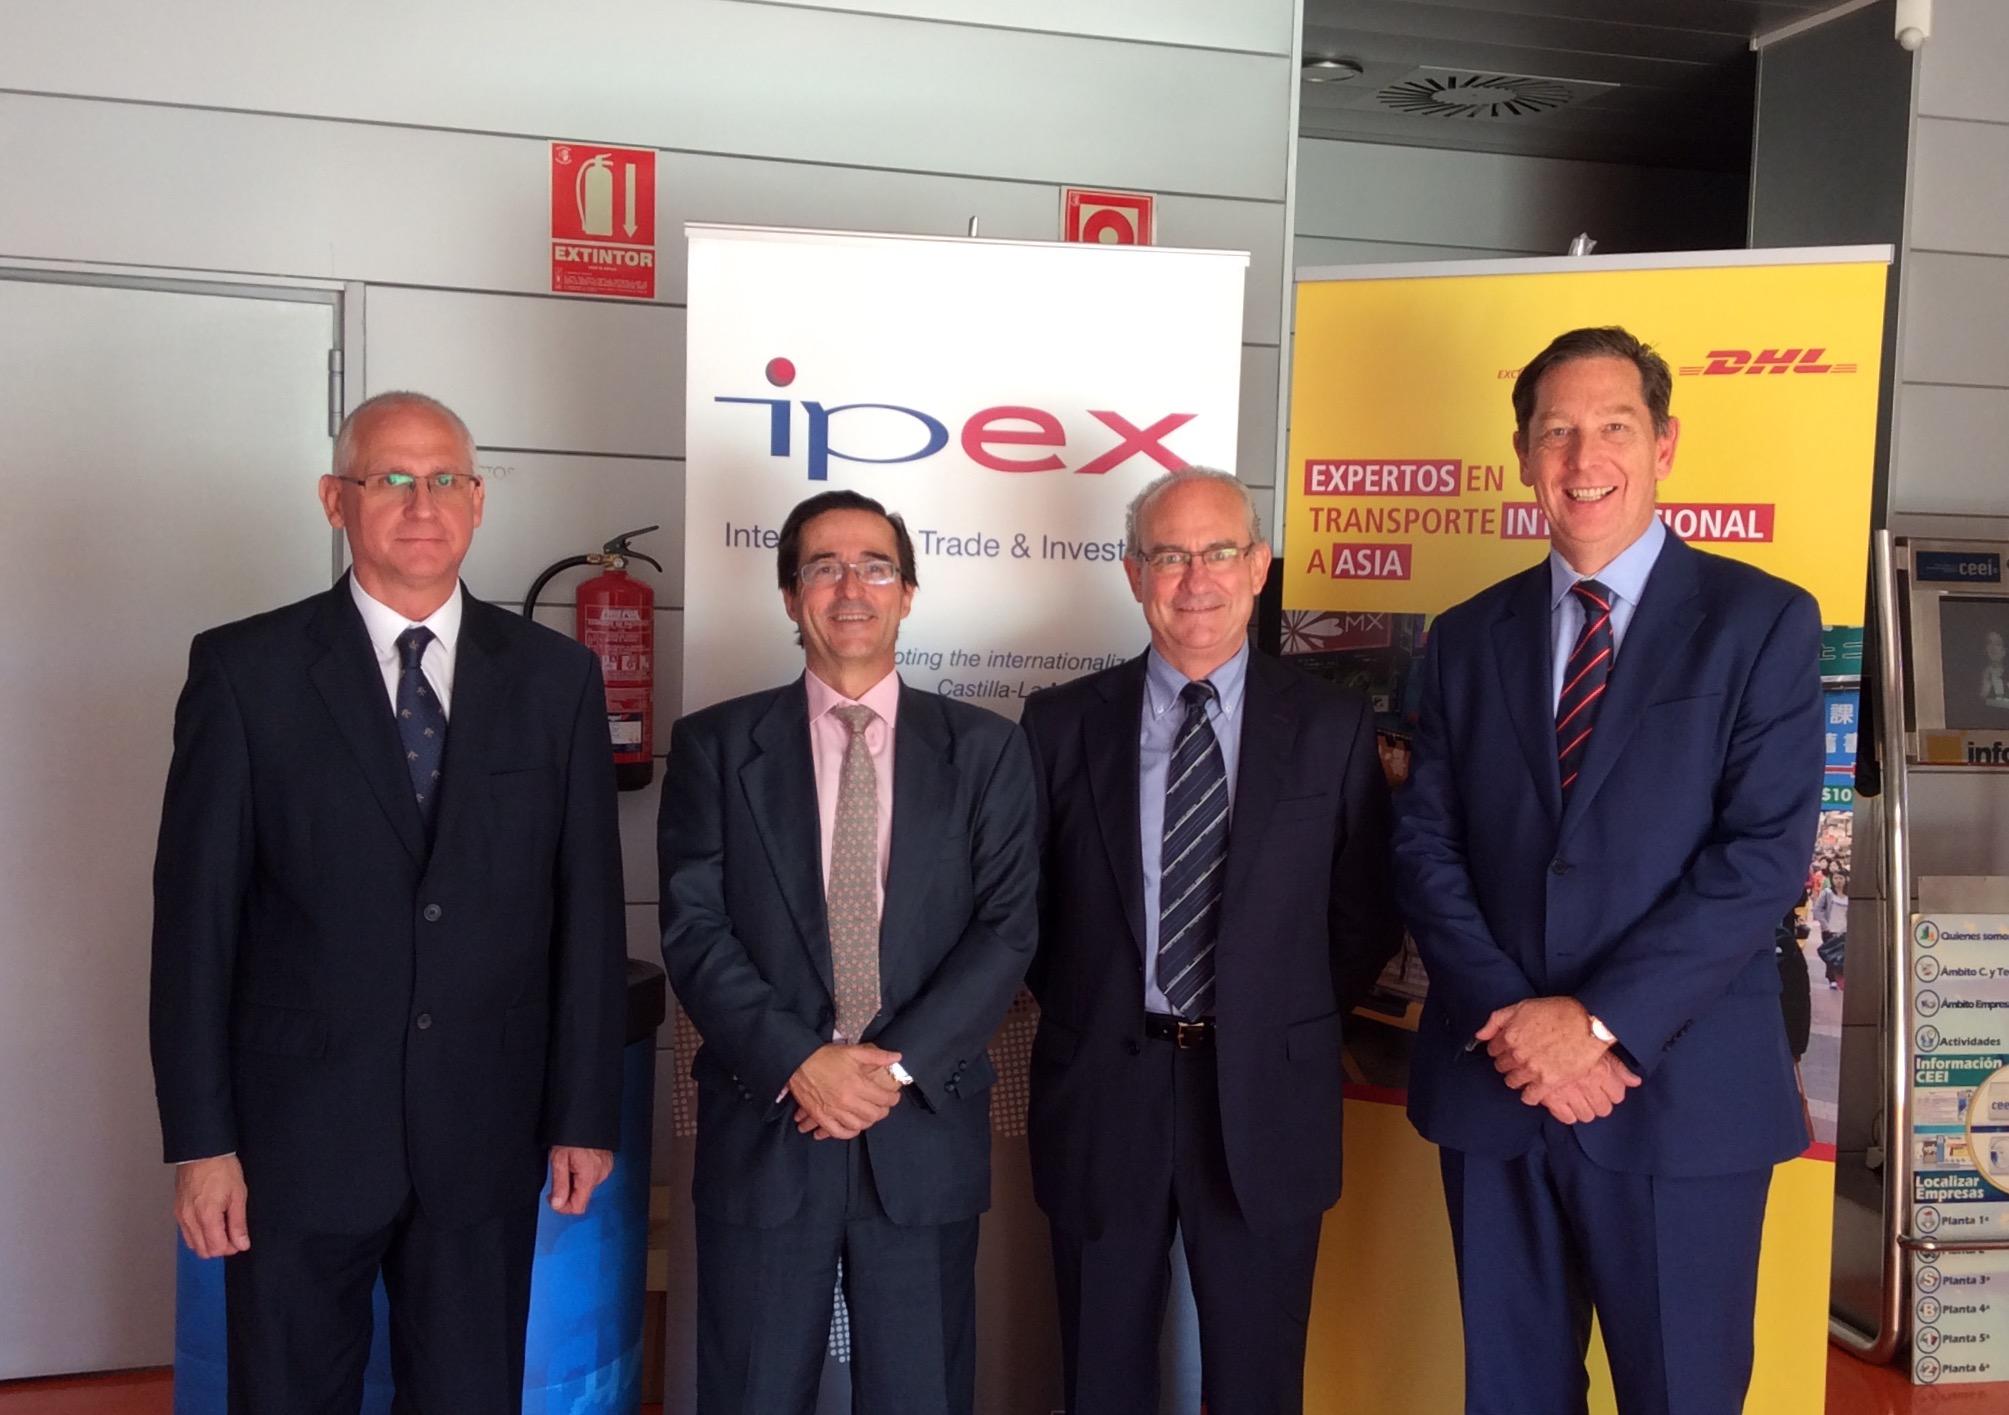 Jornada de Exportación del IPEX y DHL en Albacete